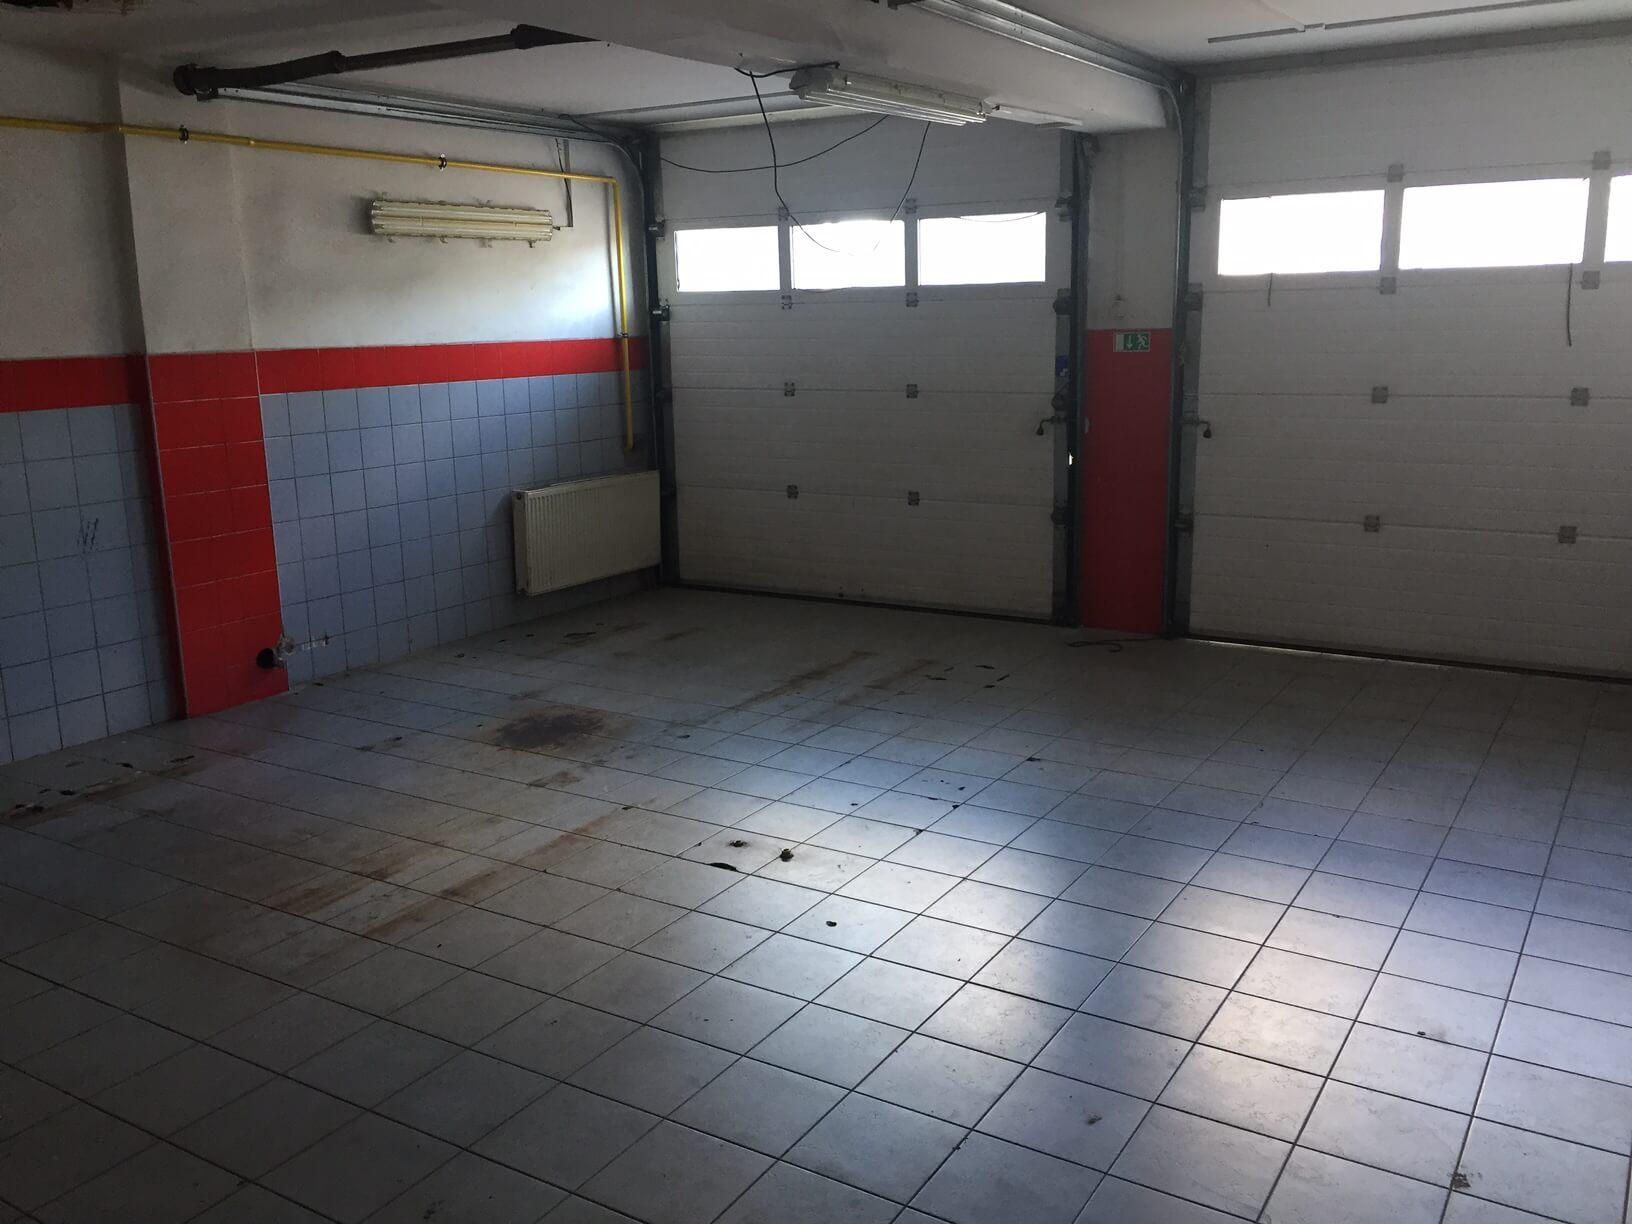 Predané: Predaj obchodného priestoru, najlepšie pre Autoservis, Pezinok, Ulica Mýtna/Šenkvická cesta. 240 m2-14